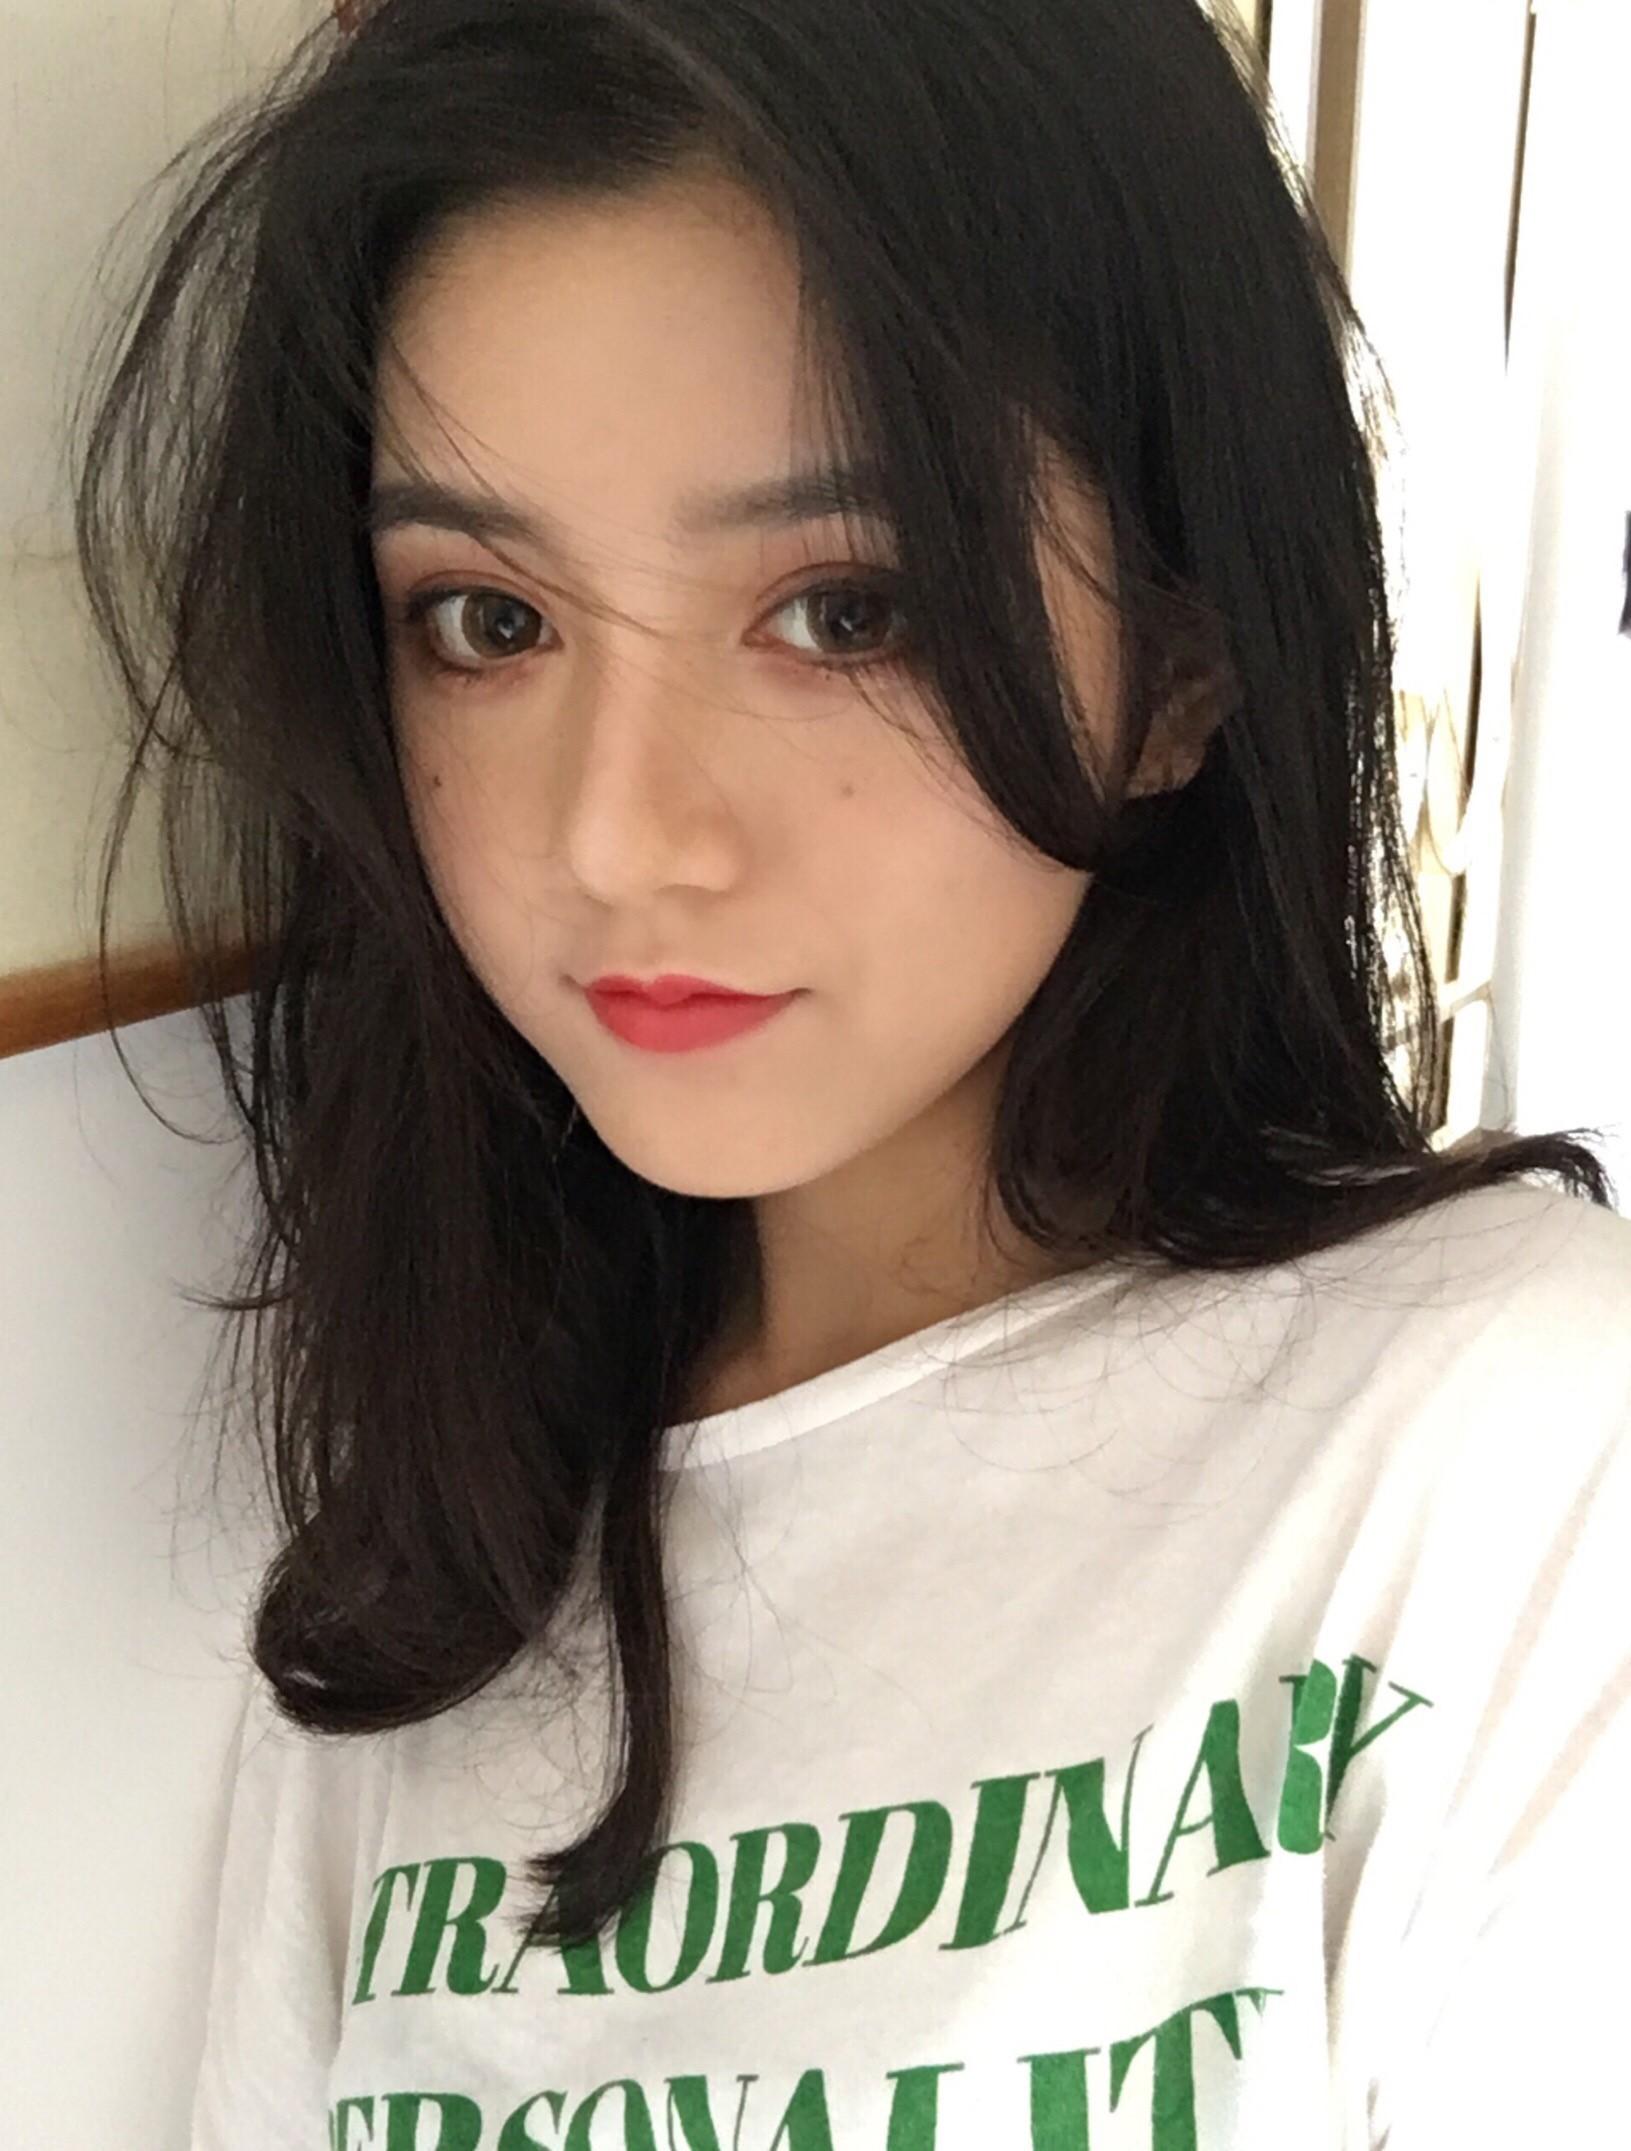 Quá xinh đẹp, cô bạn Trung Quốc khiến các chàng trai thi nhau nhận vơ là người yêu - Ảnh 2.